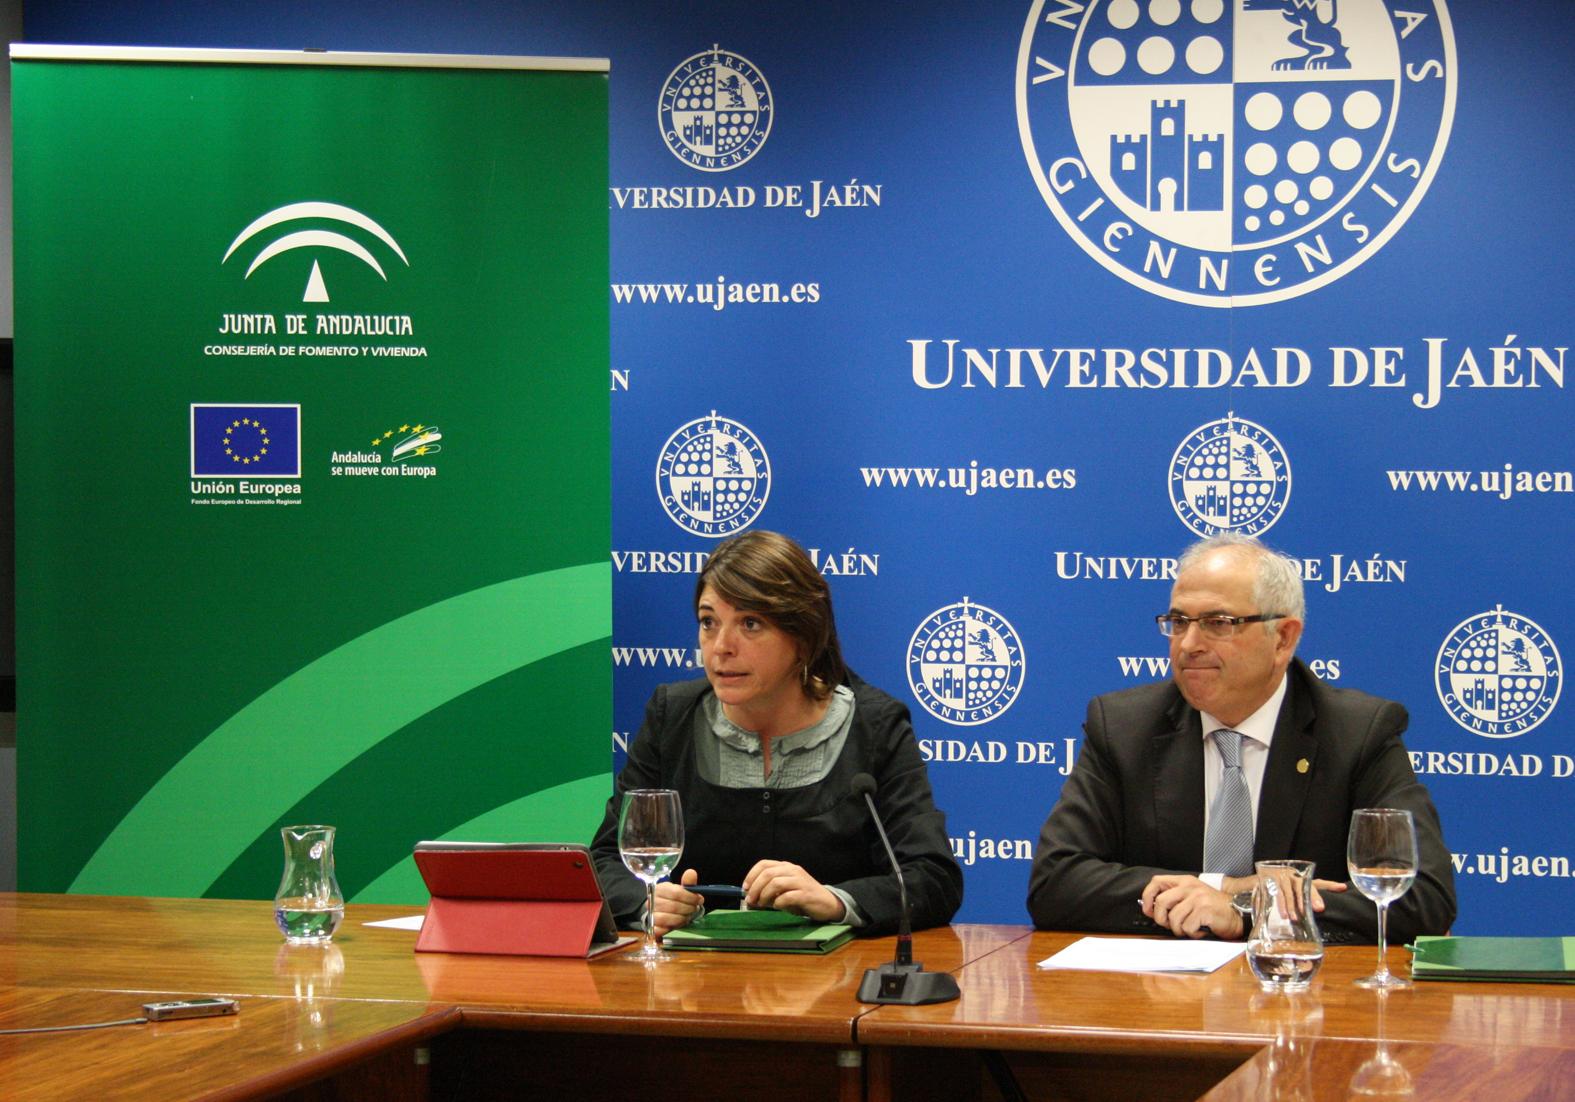 La consejera y el rector de la Universidad de Jaén, en el acto de firma del convenio.